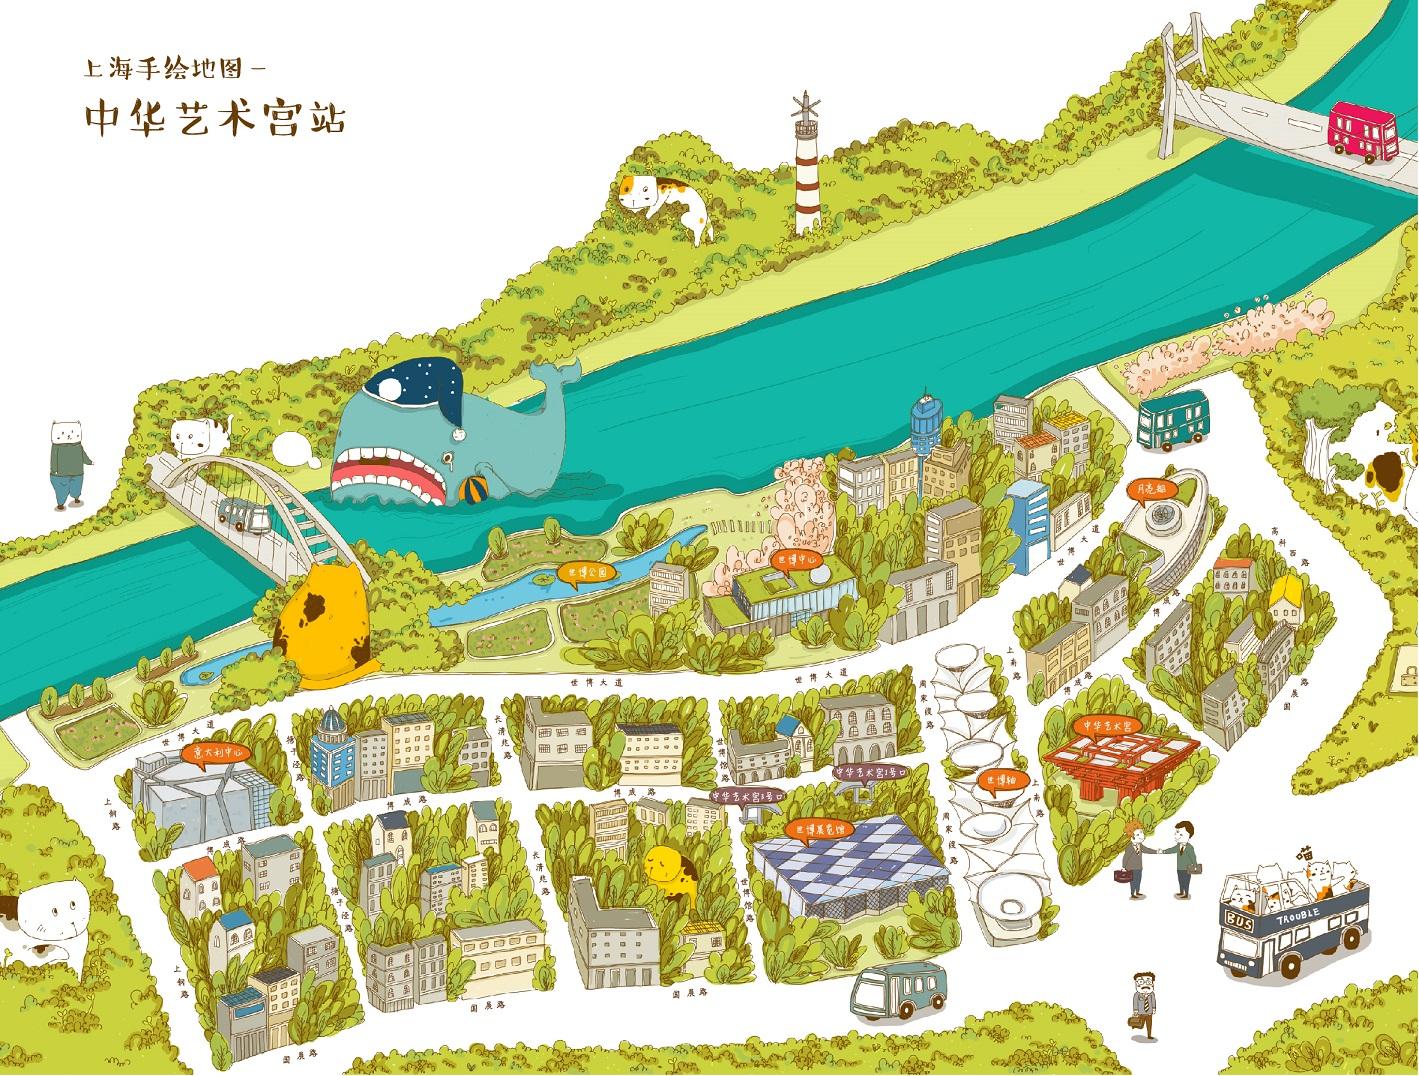 [转载]萌物版上海手绘地图欣赏-朗锐设计